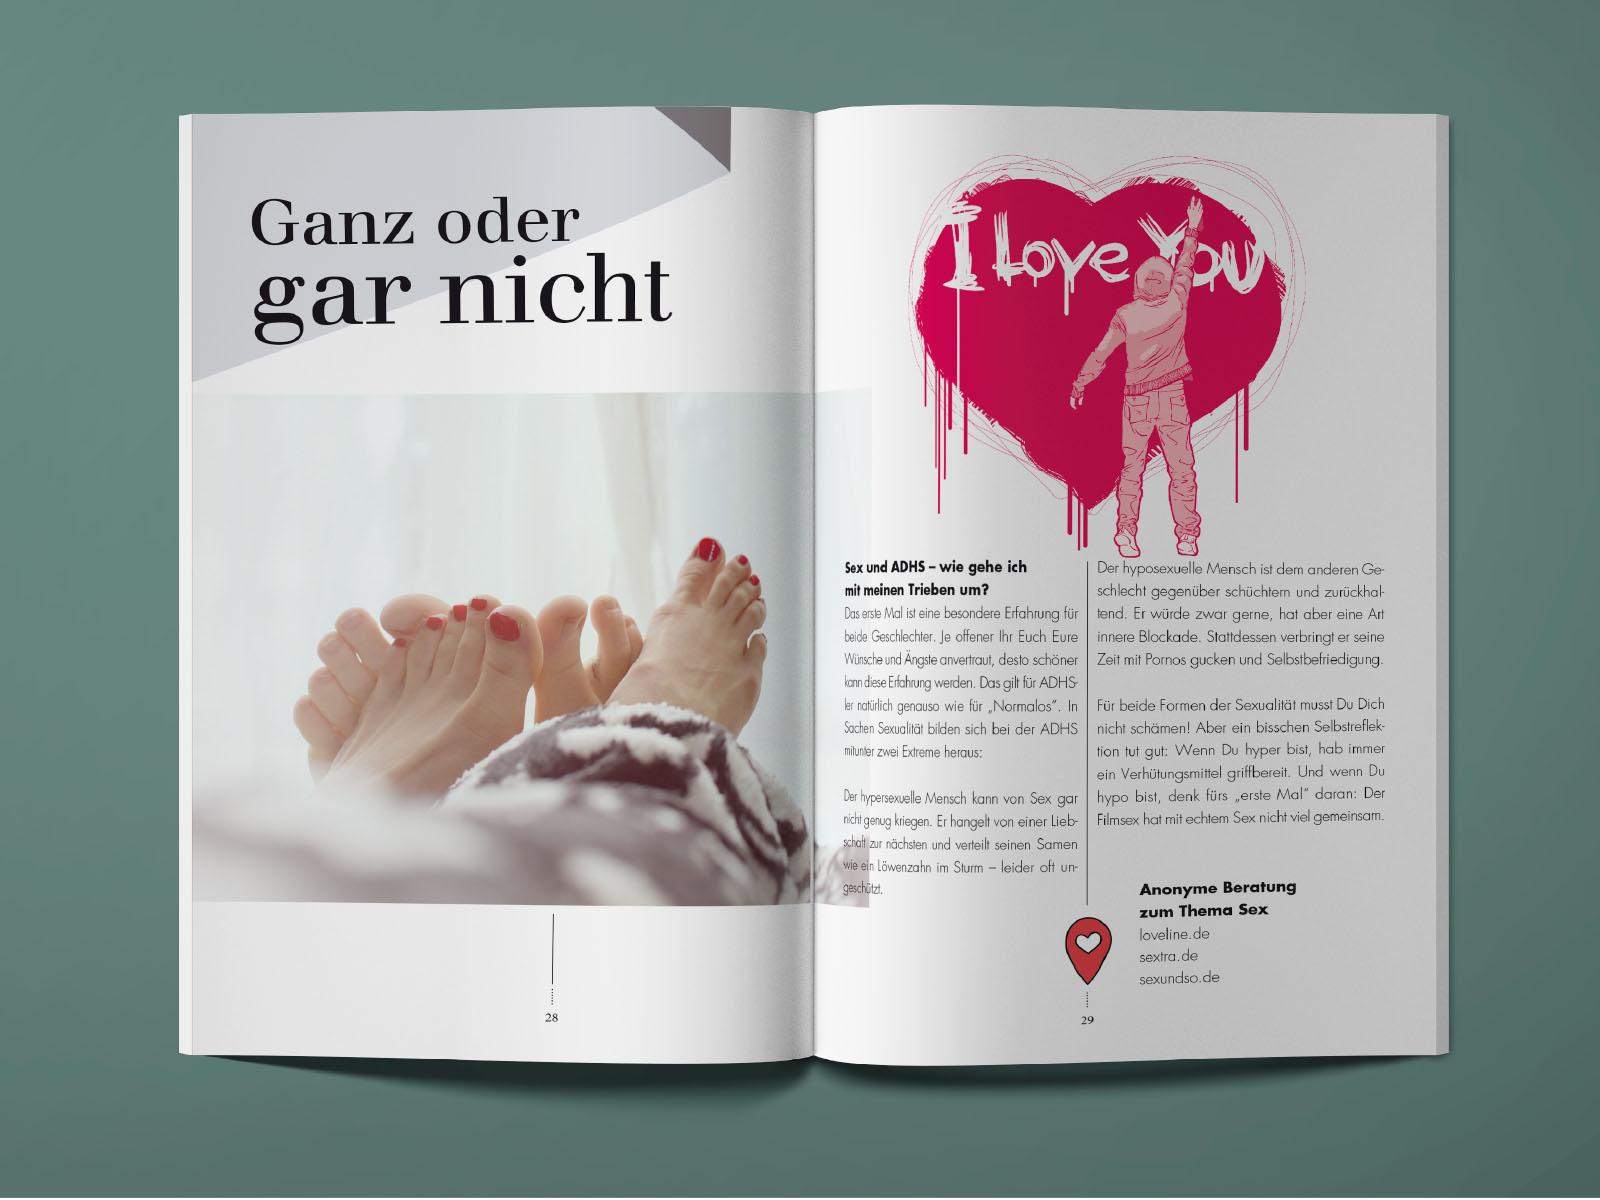 lehnstein-portfolio-medice-adhs-booklet3-3.indd